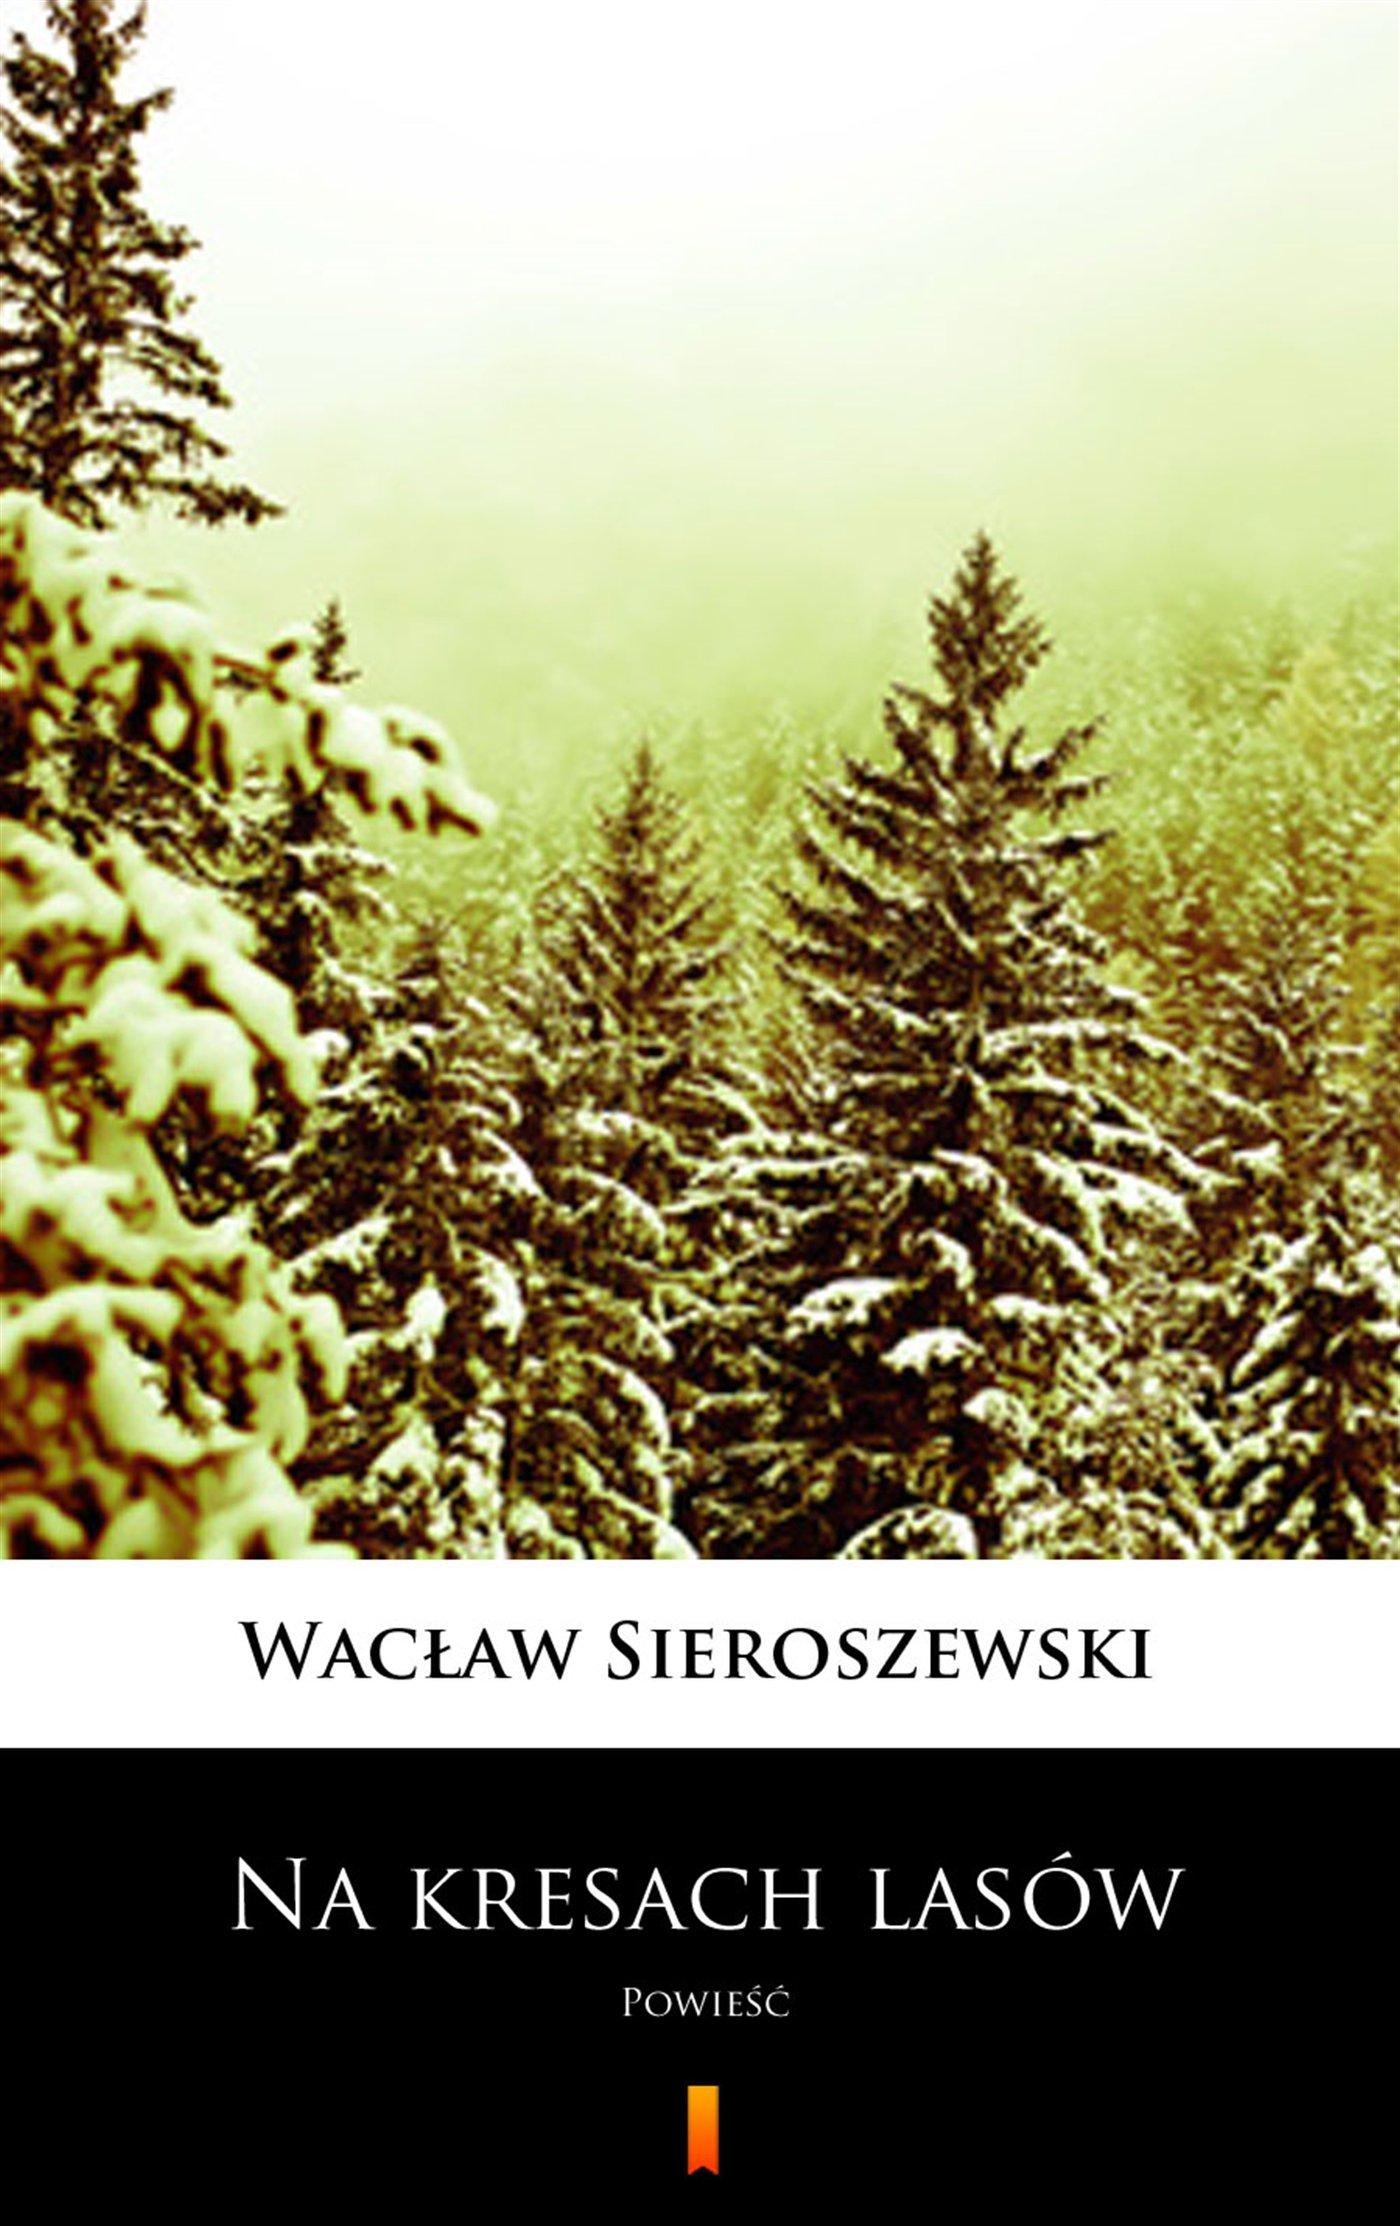 Na kresach lasów - Ebook (Książka na Kindle) do pobrania w formacie MOBI